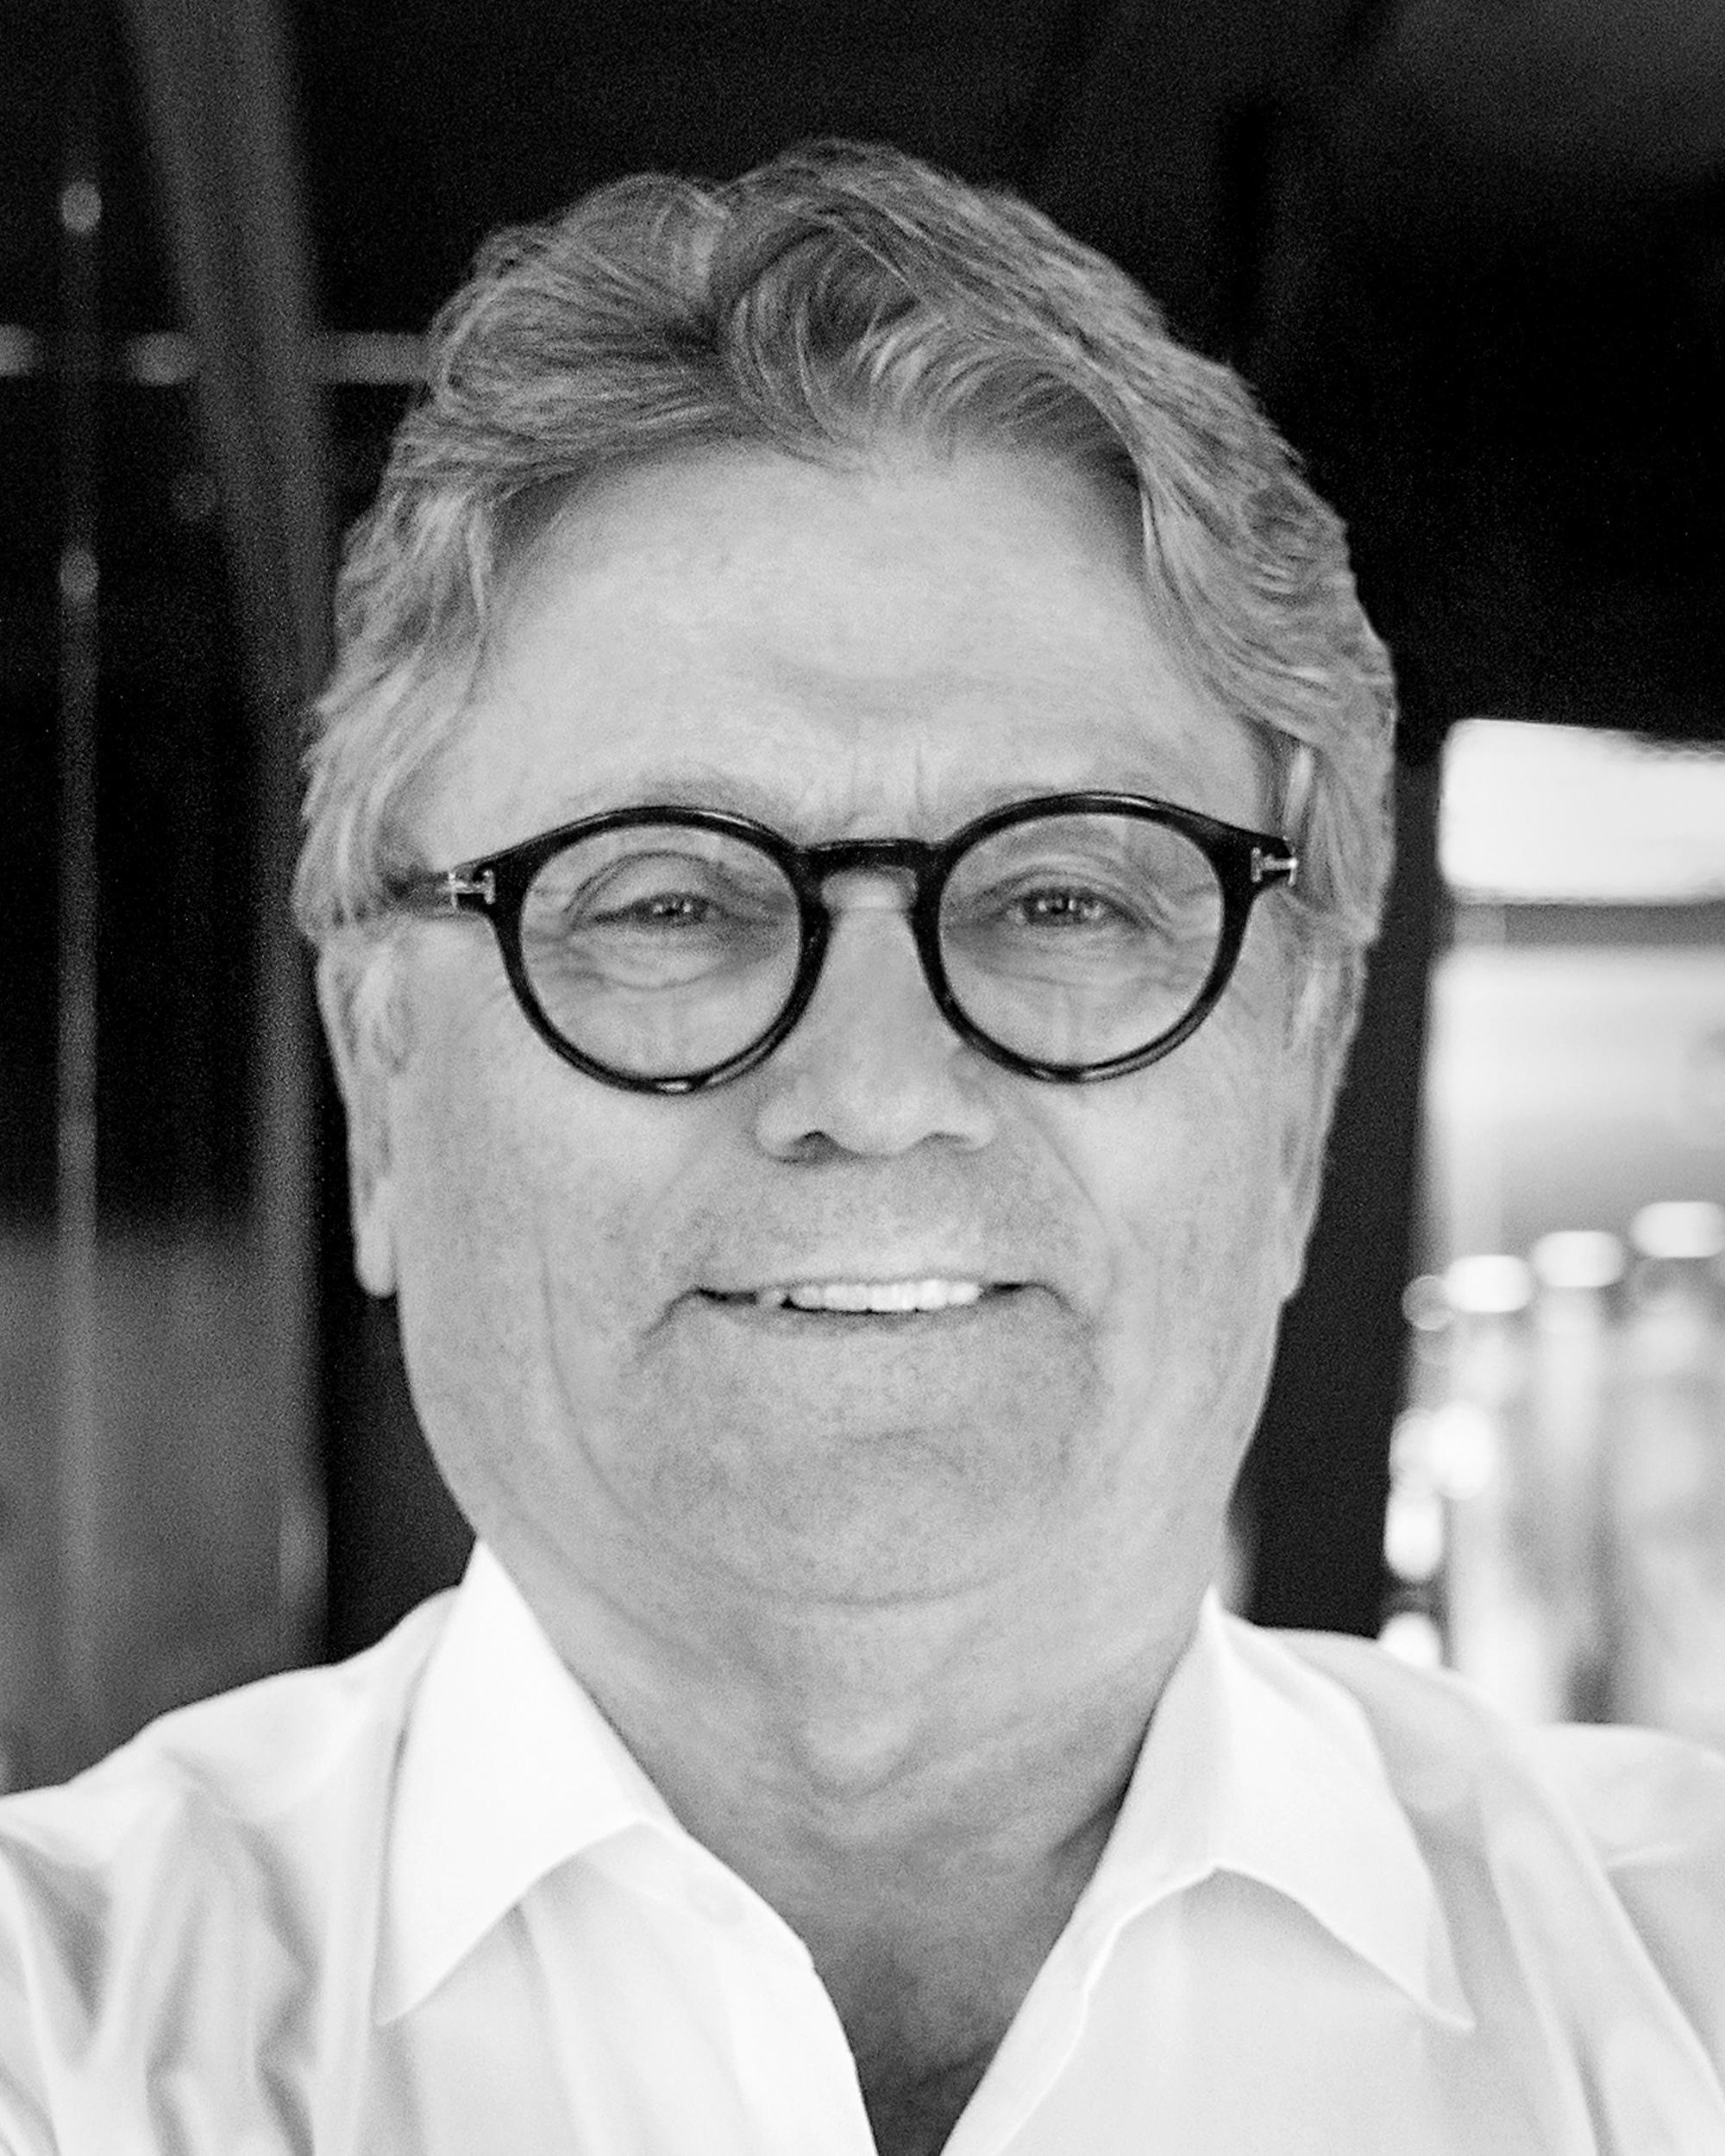 Scott Stewart, CEO